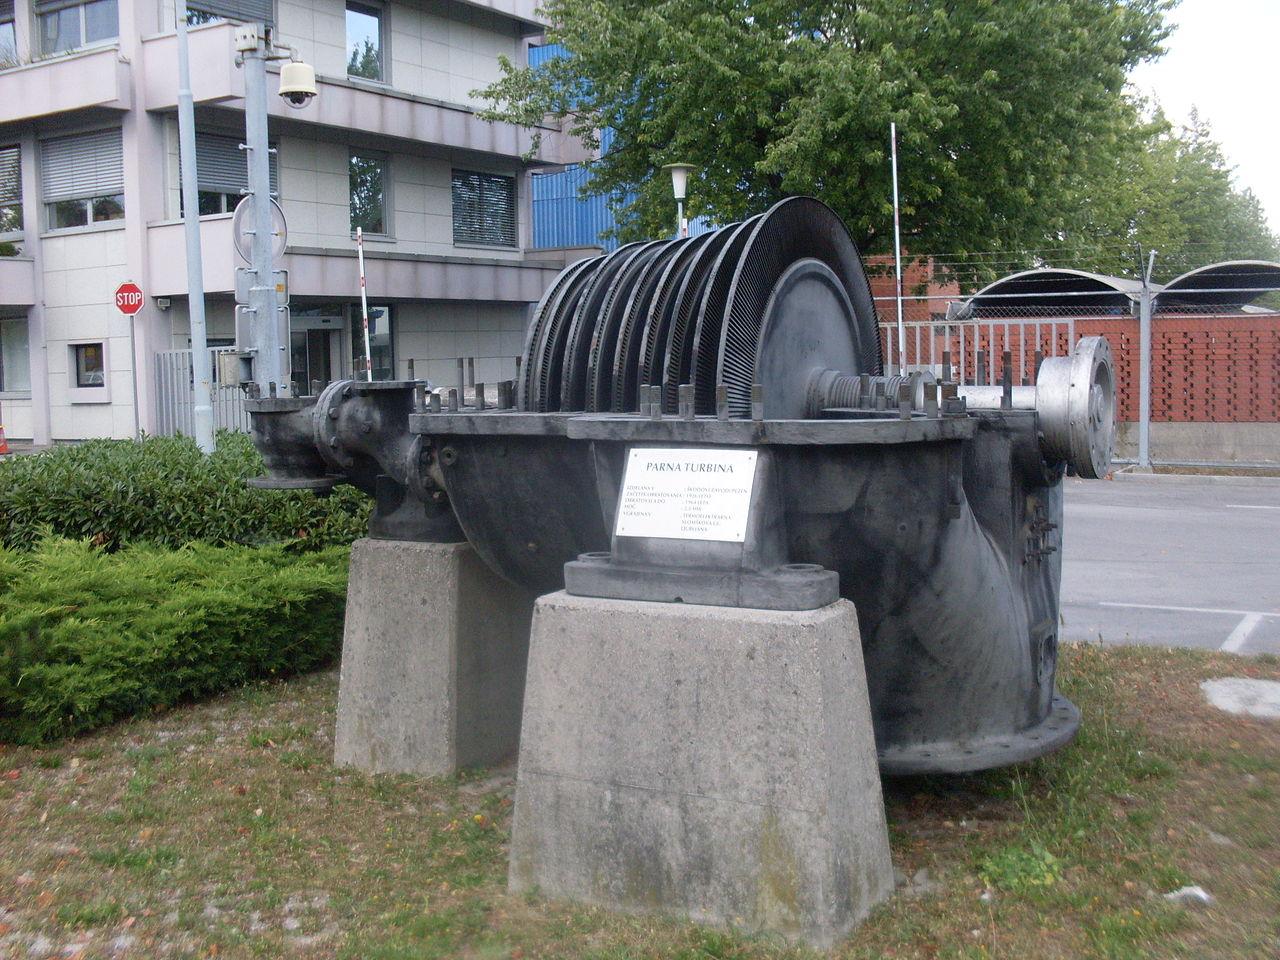 Škodina parna turbina - nizkotlačni del iz Mestne termoelektrarne Ljubljana, danes razstavljena v industrijski coni Šiška. Foto: Wikimedia